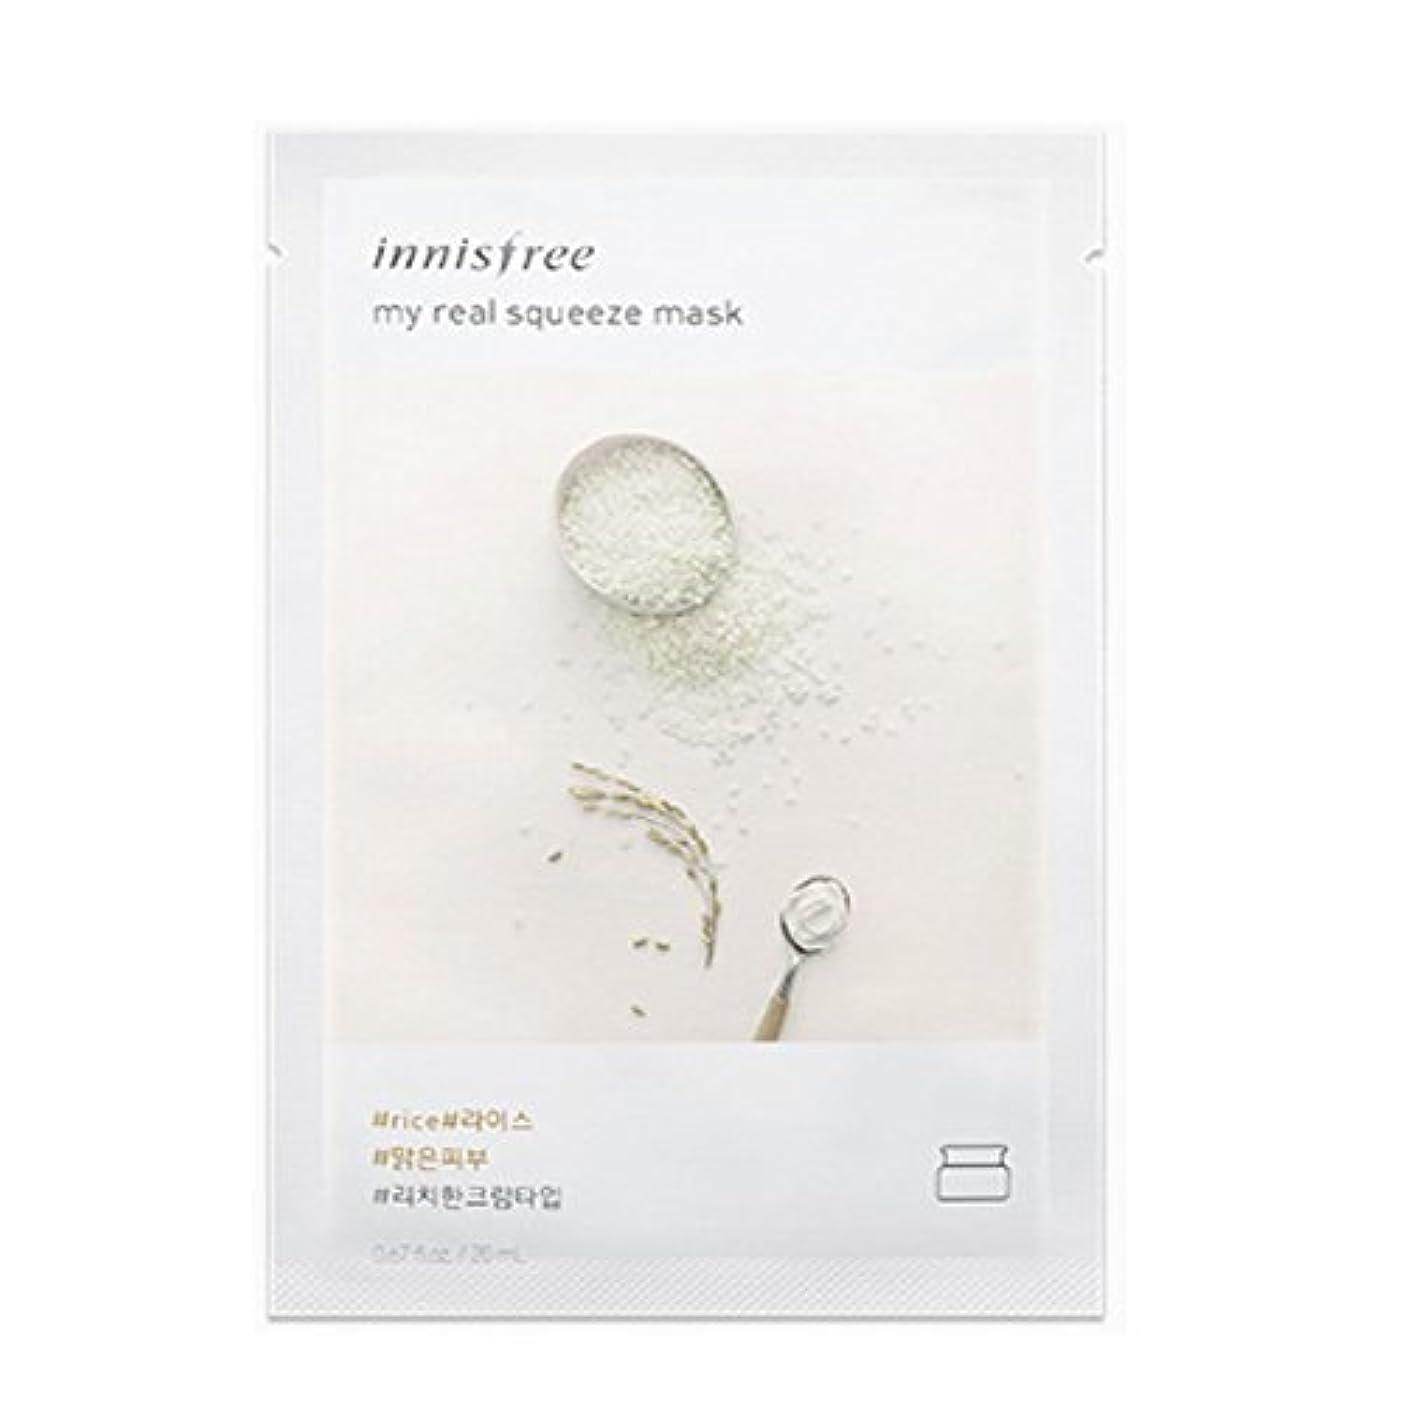 貝殻農学医療のイニスフリーマイレアルスクイーズマスクシート20ml x 10pcs Innisfree My Real Squeeze Mask Sheet 20ml x 10pcs [海外直送品][並行輸入品] (12.ライス)